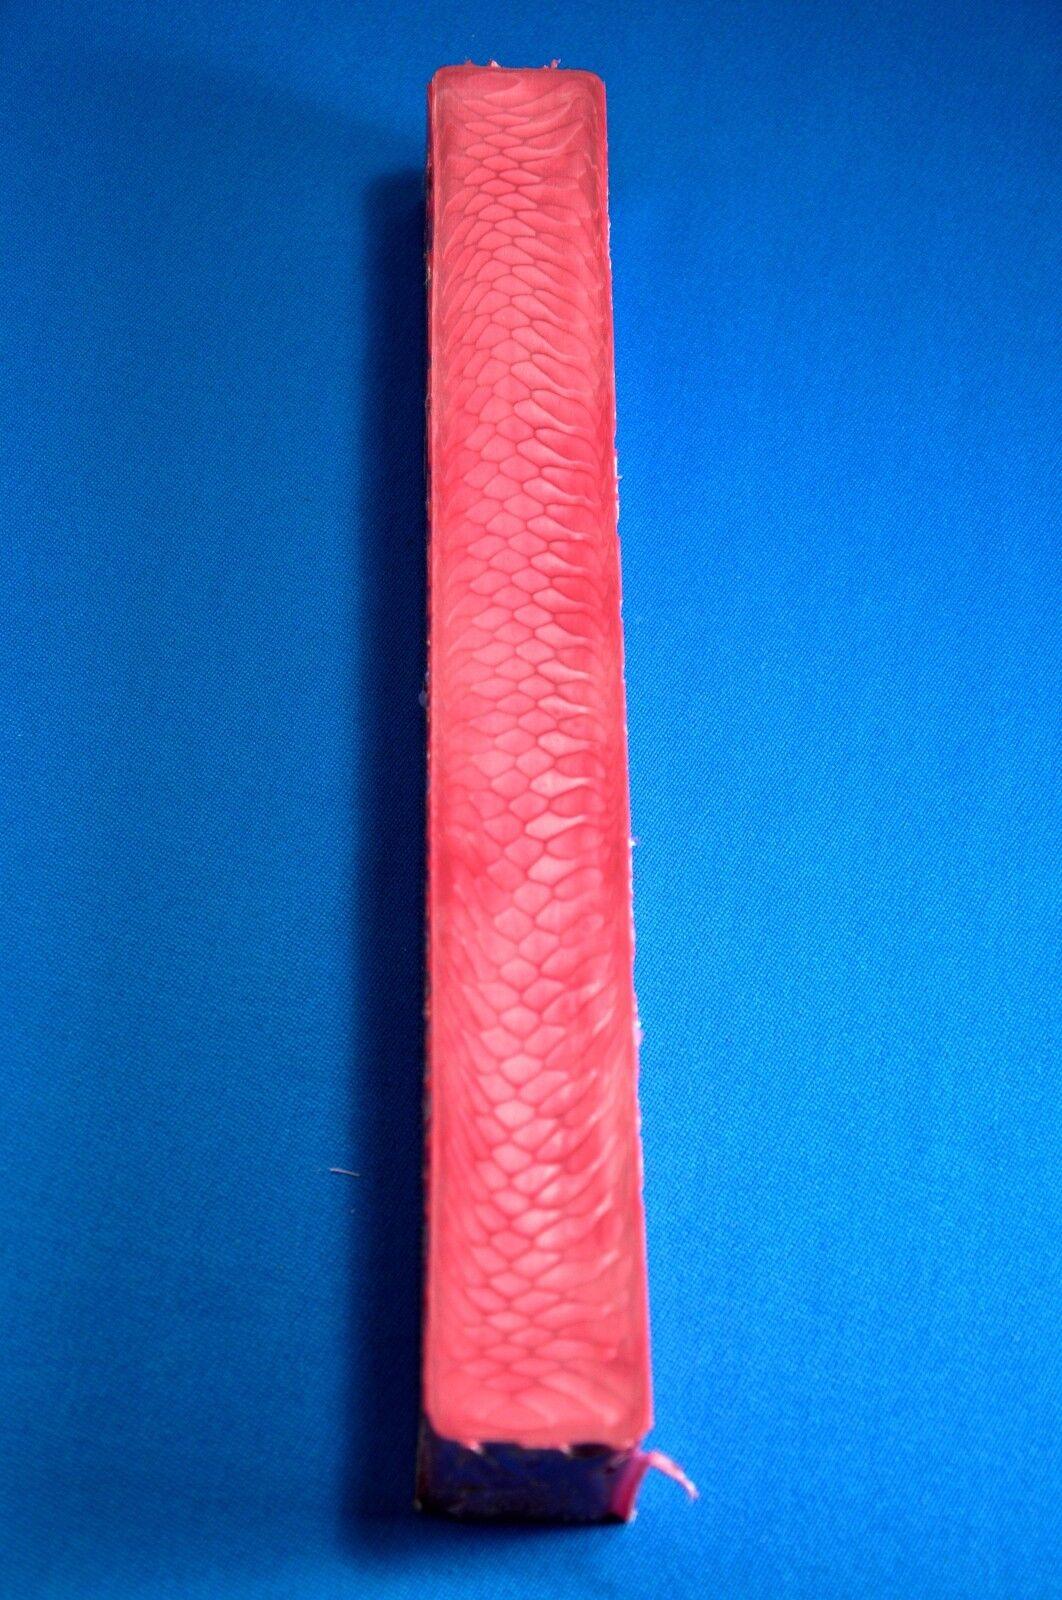 1 EXOTIC JUMA PINK DRAGON 12  X 1.45  SQUARE POOL BILLIARD CUE BUTT MATERIAL